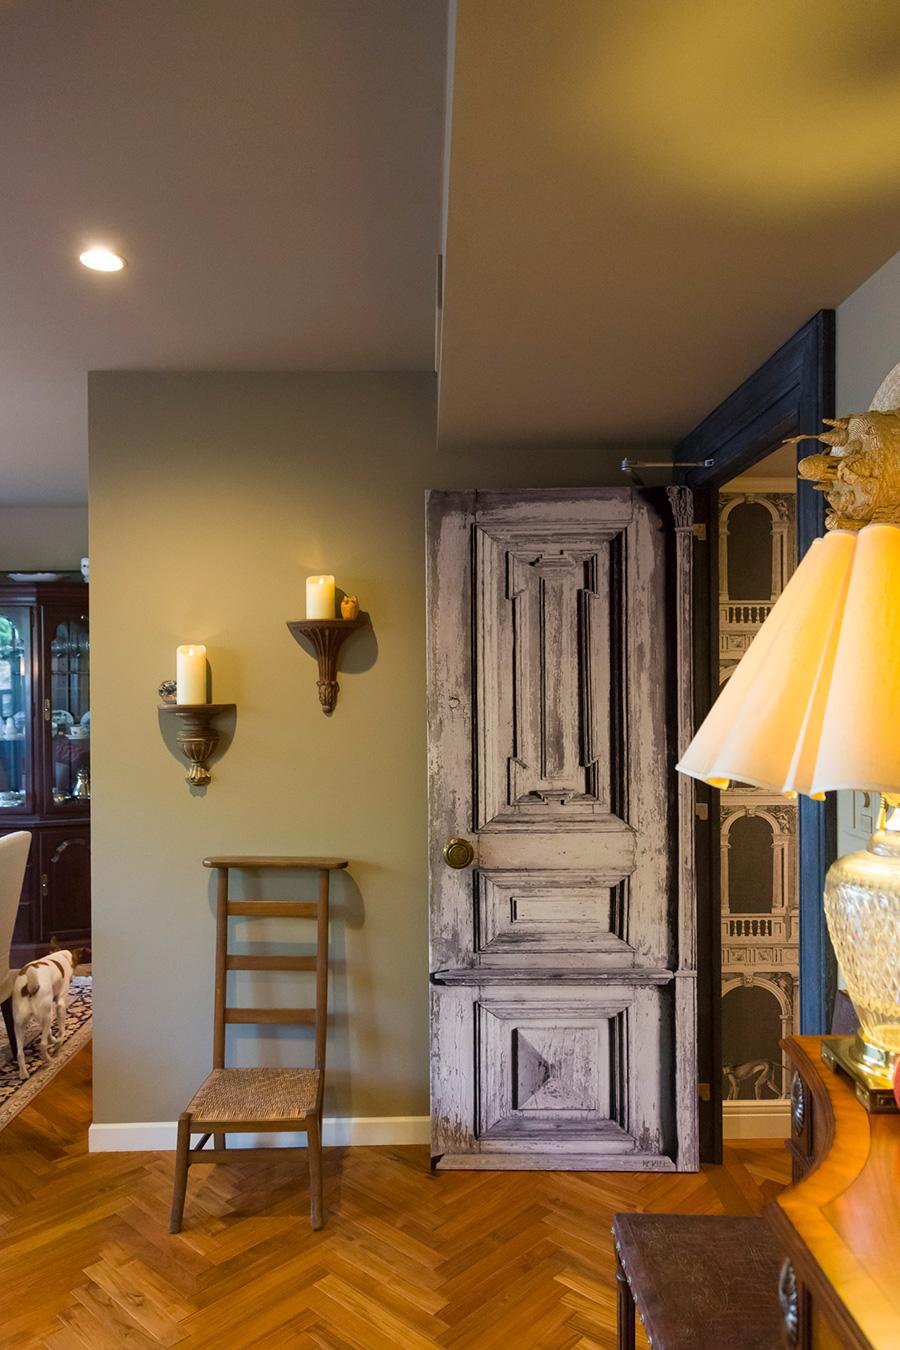 壁はグレイッシュなオリーブグリーンに。ドアはなんと騙し絵効果のある壁紙。ビロードのようなスペシャルな質感が施されている。